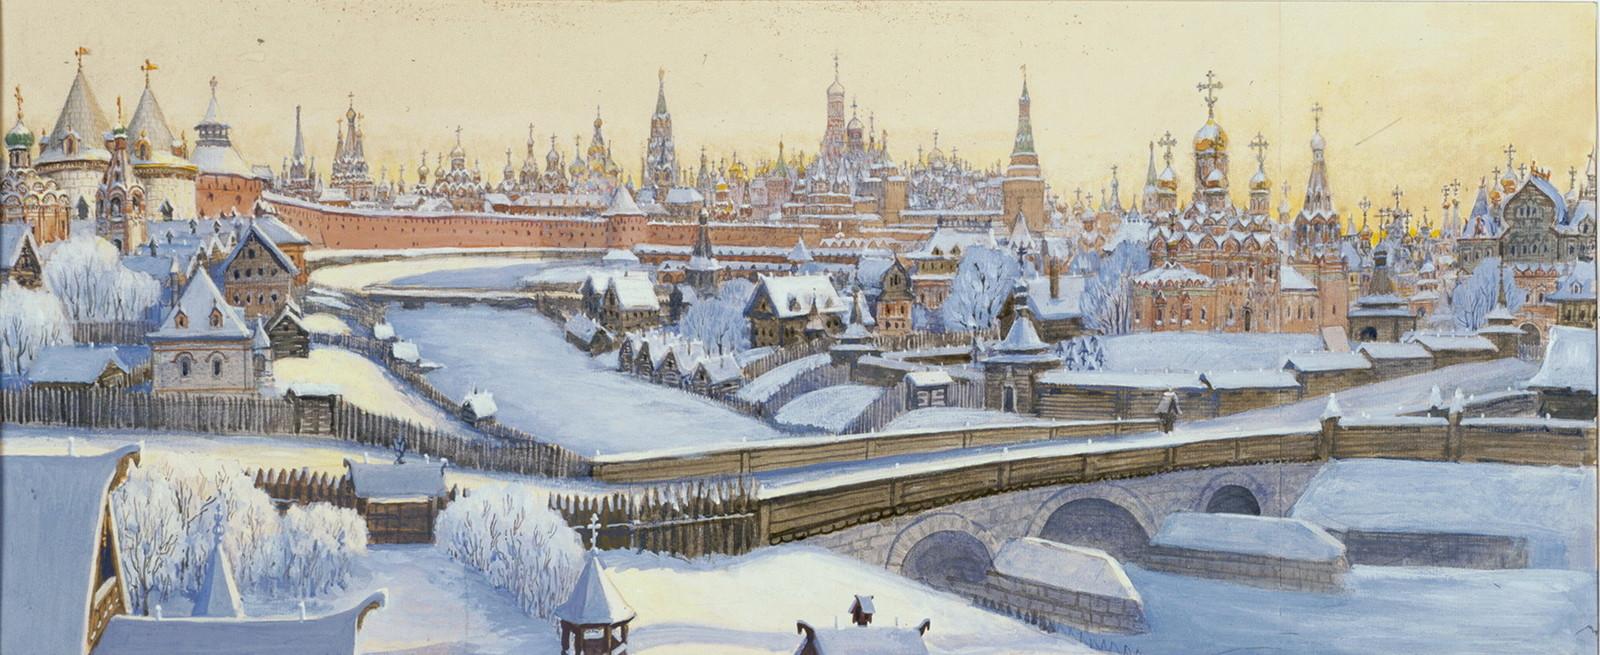 Вид на Кремль от Кузнецкого моста. По книге: М. П. Кудрявцев «Москва — Третий Рим», М., Сол Систем, 1994